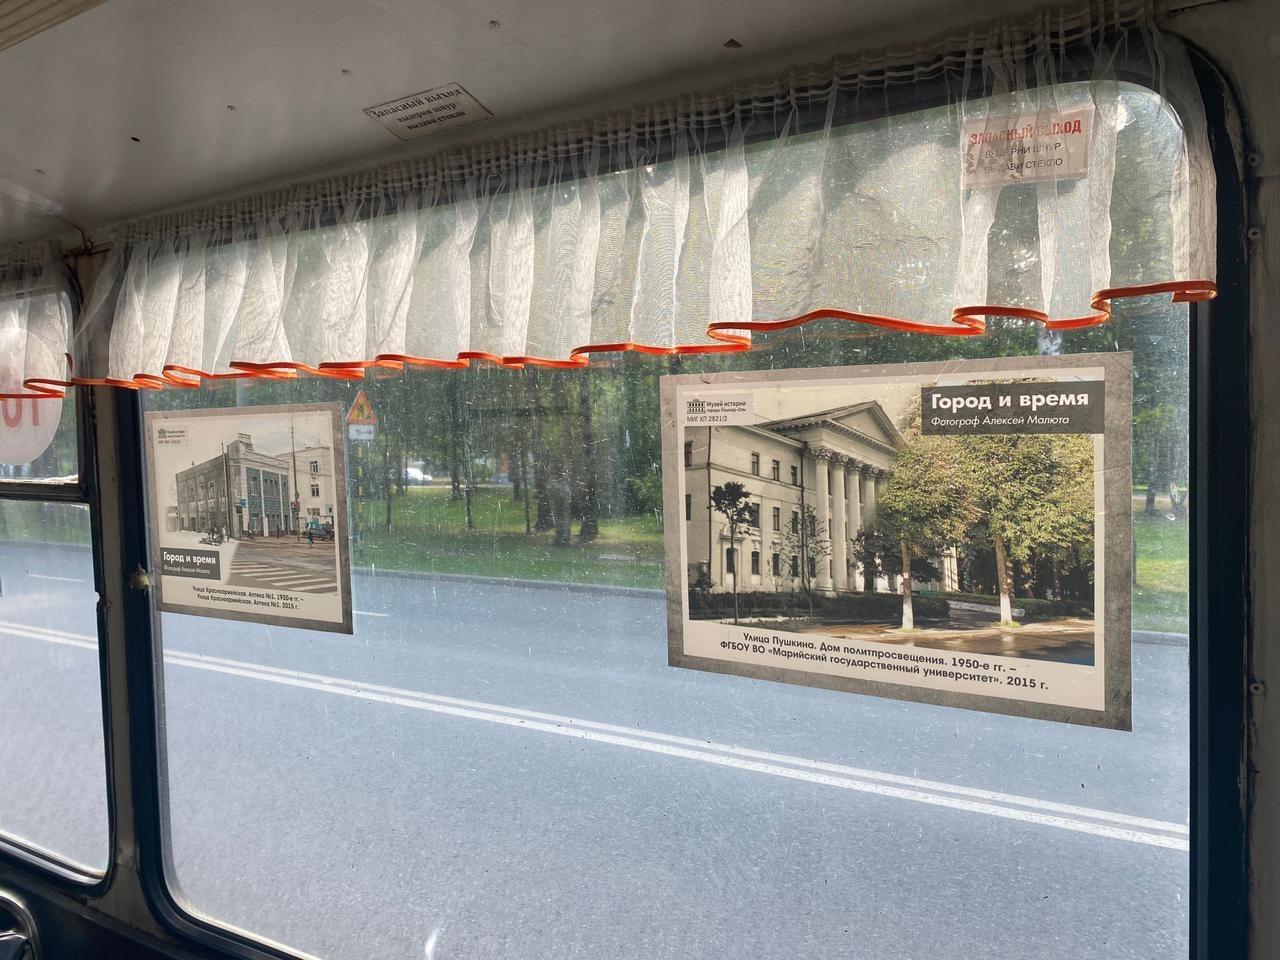 """Выставка фотографий """"Город и время"""" открылась в троллейбусе в Йошкар-Оле"""